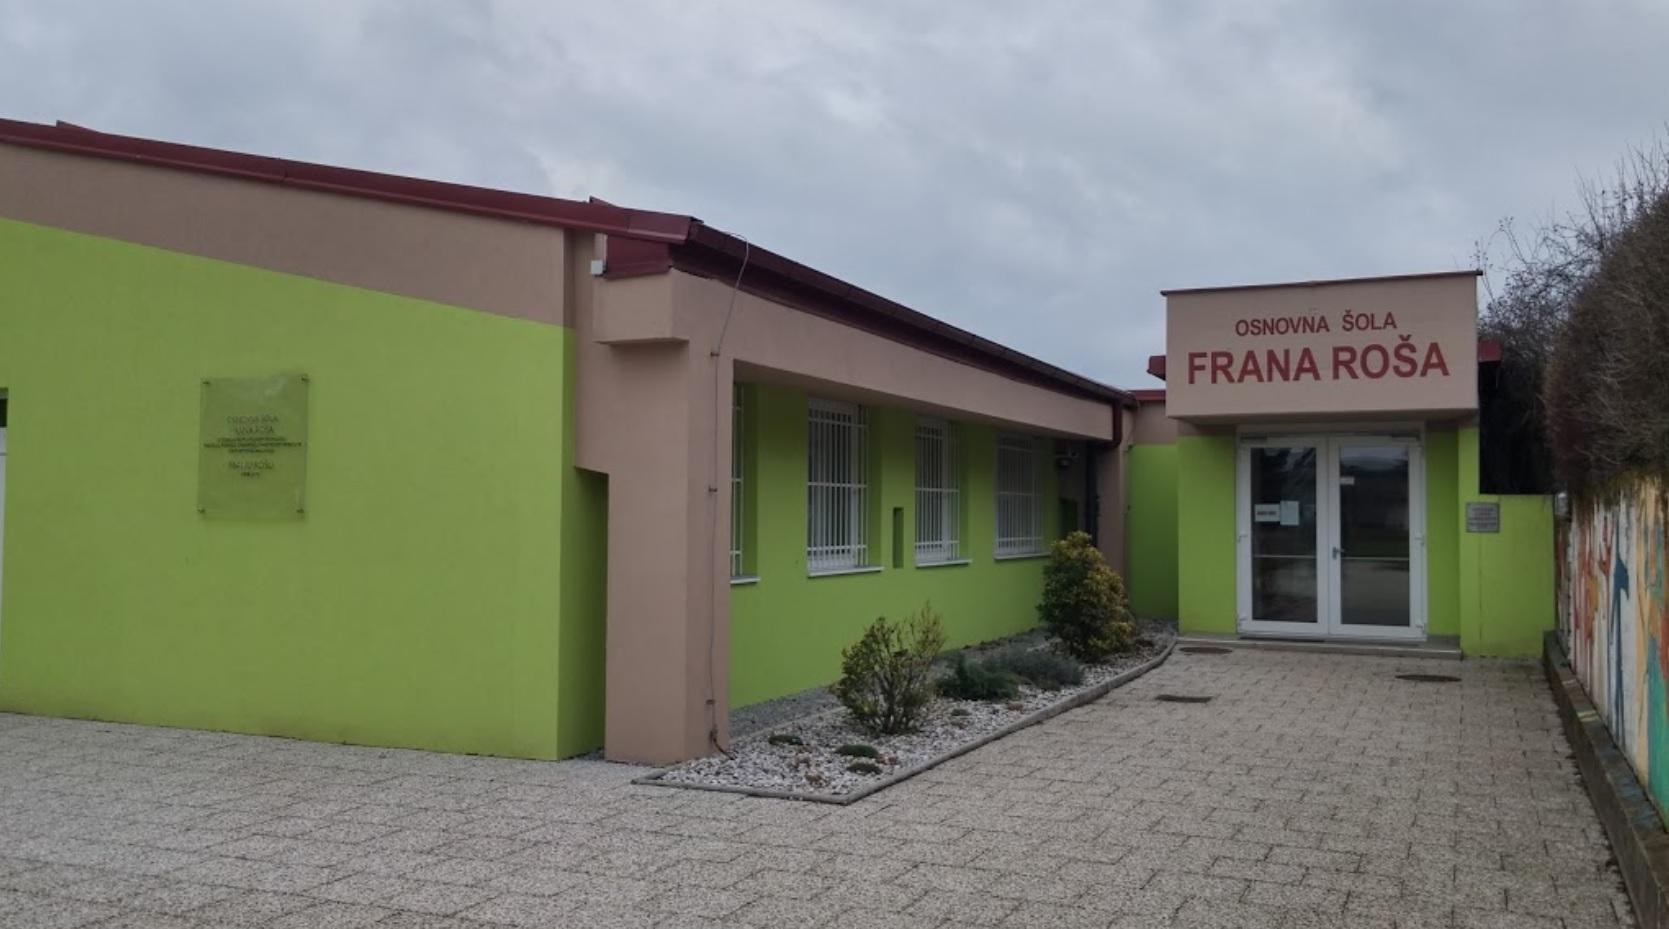 frana-rosa-1